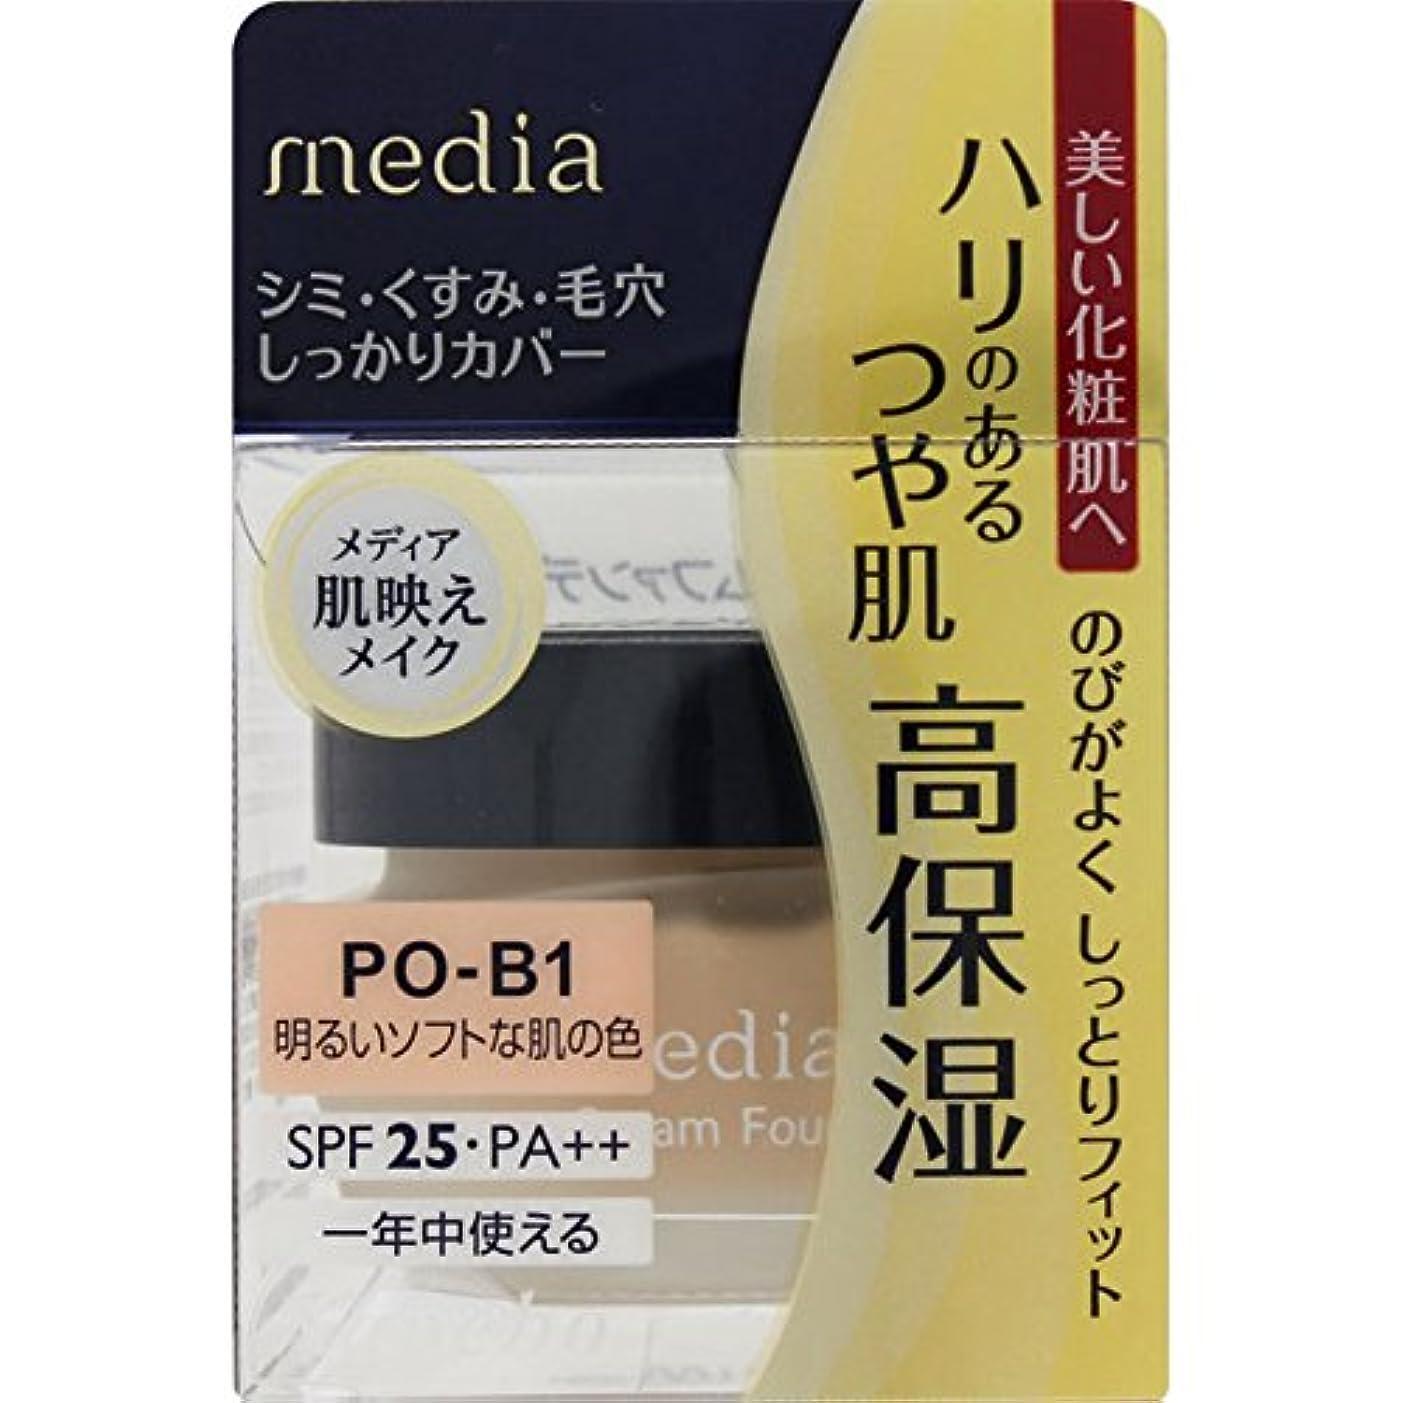 モバイル続編茎カネボウ化粧品 メディア クリームファンデーション 明るいソフトな肌の色 POーB1